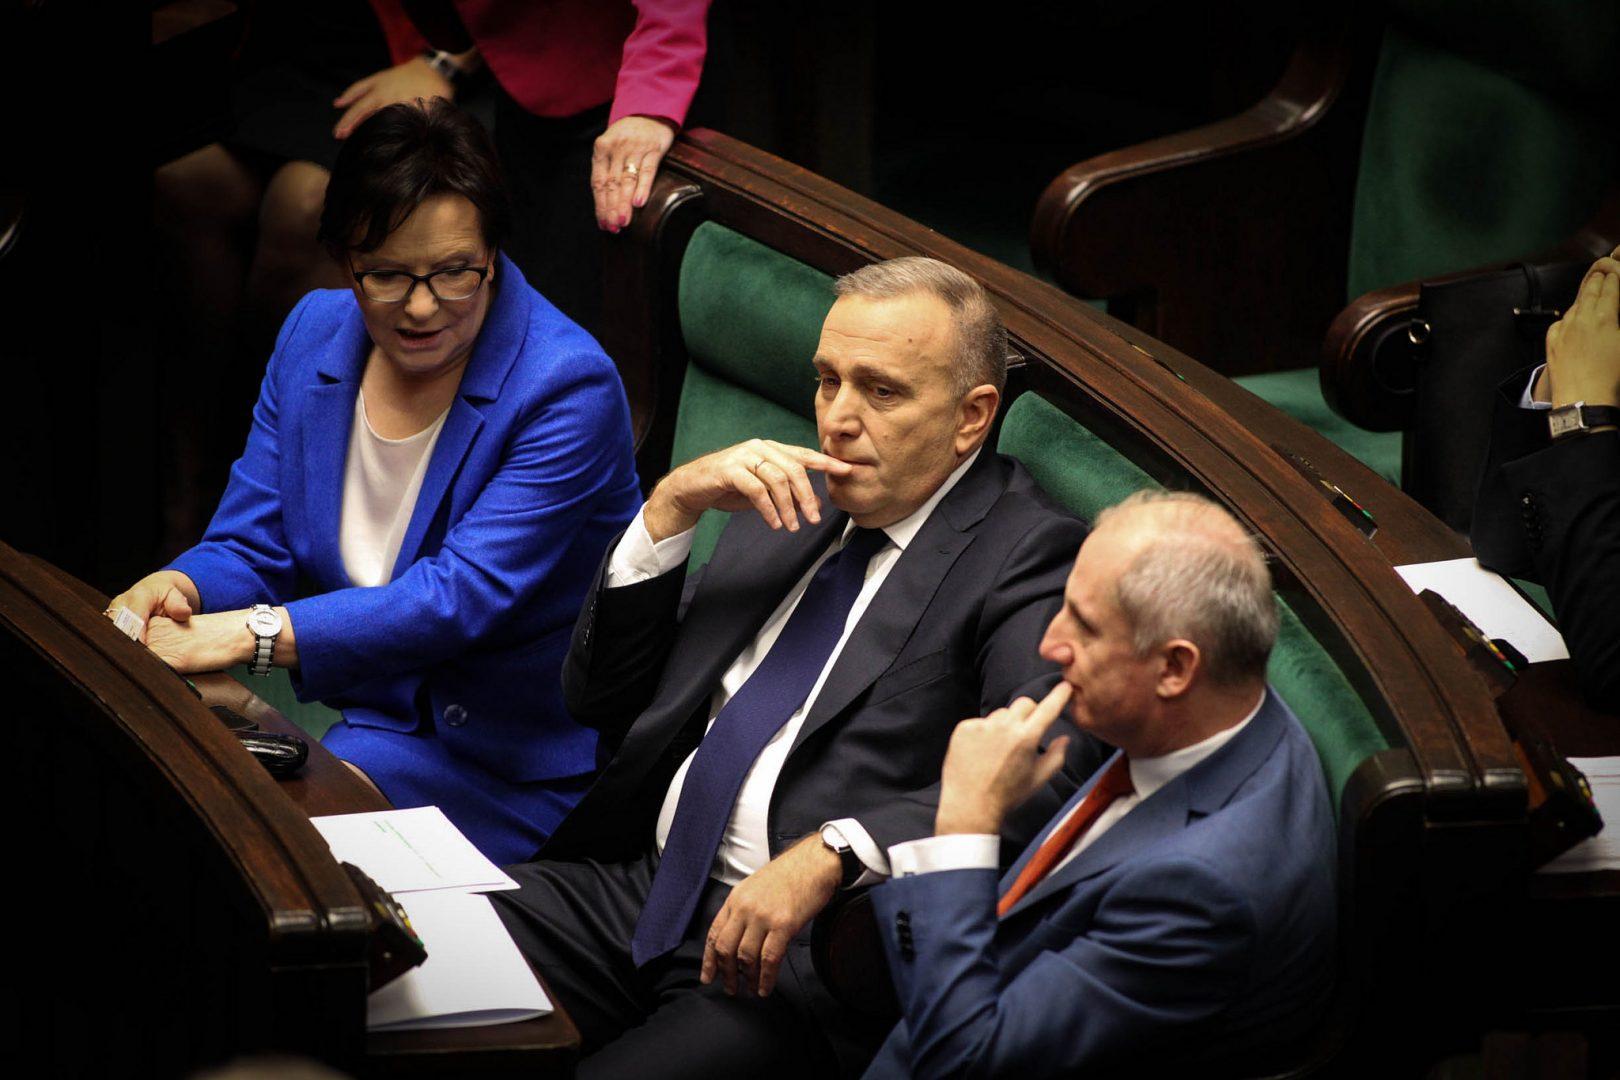 Platforma Obywatelska Schetyna 2 fot. Kancelaria Sejmu - Krzysztof Białoskórski